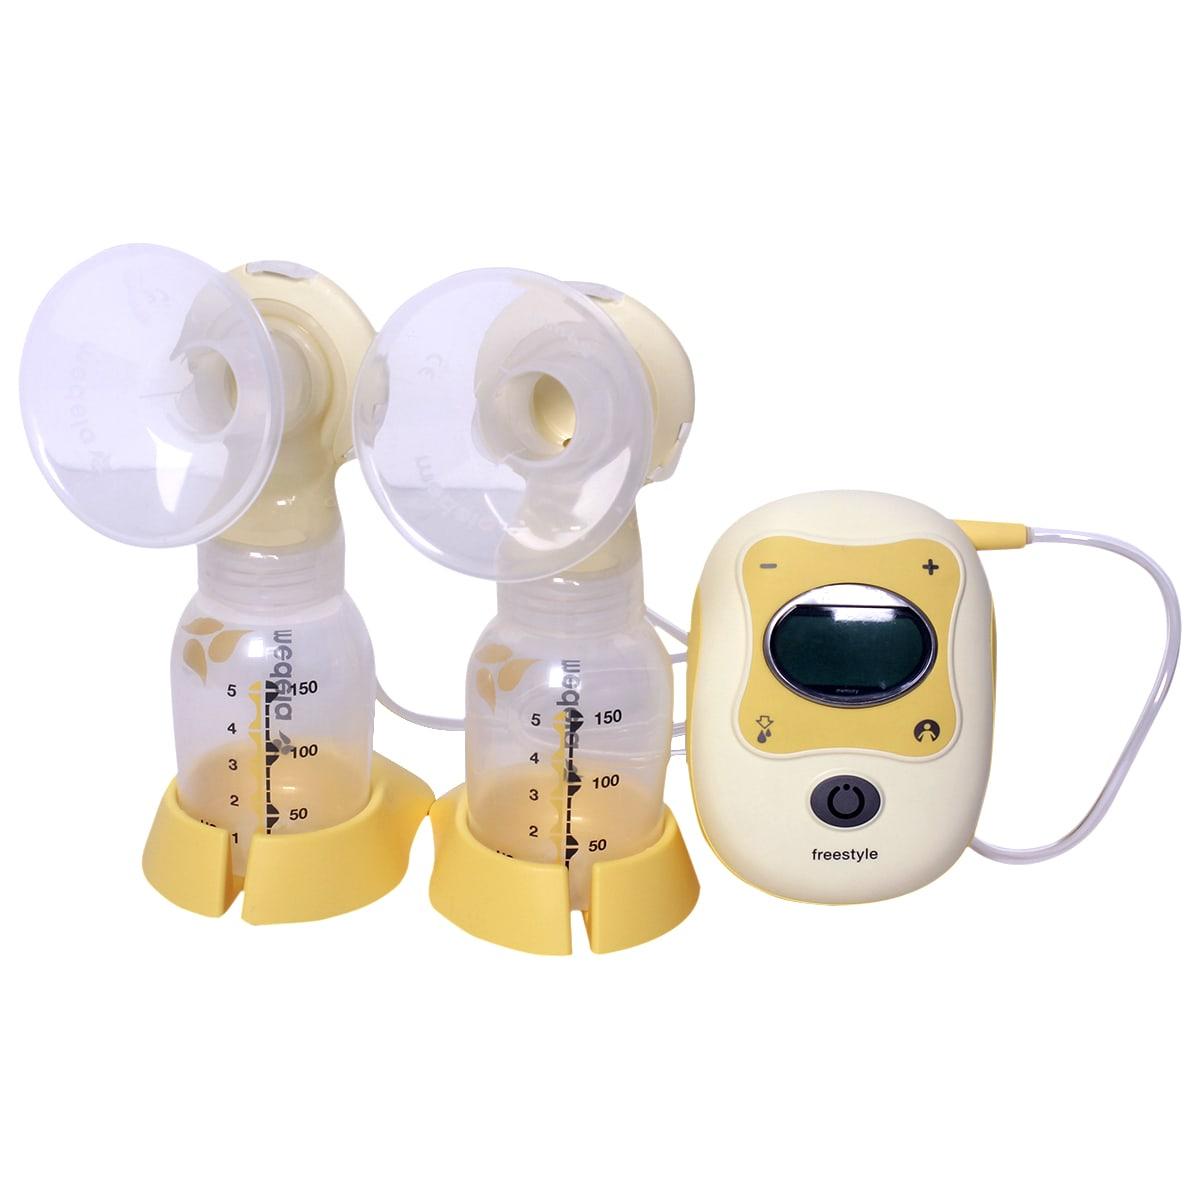 Máy hút sữa điện đôi Freestyle có pin sạc